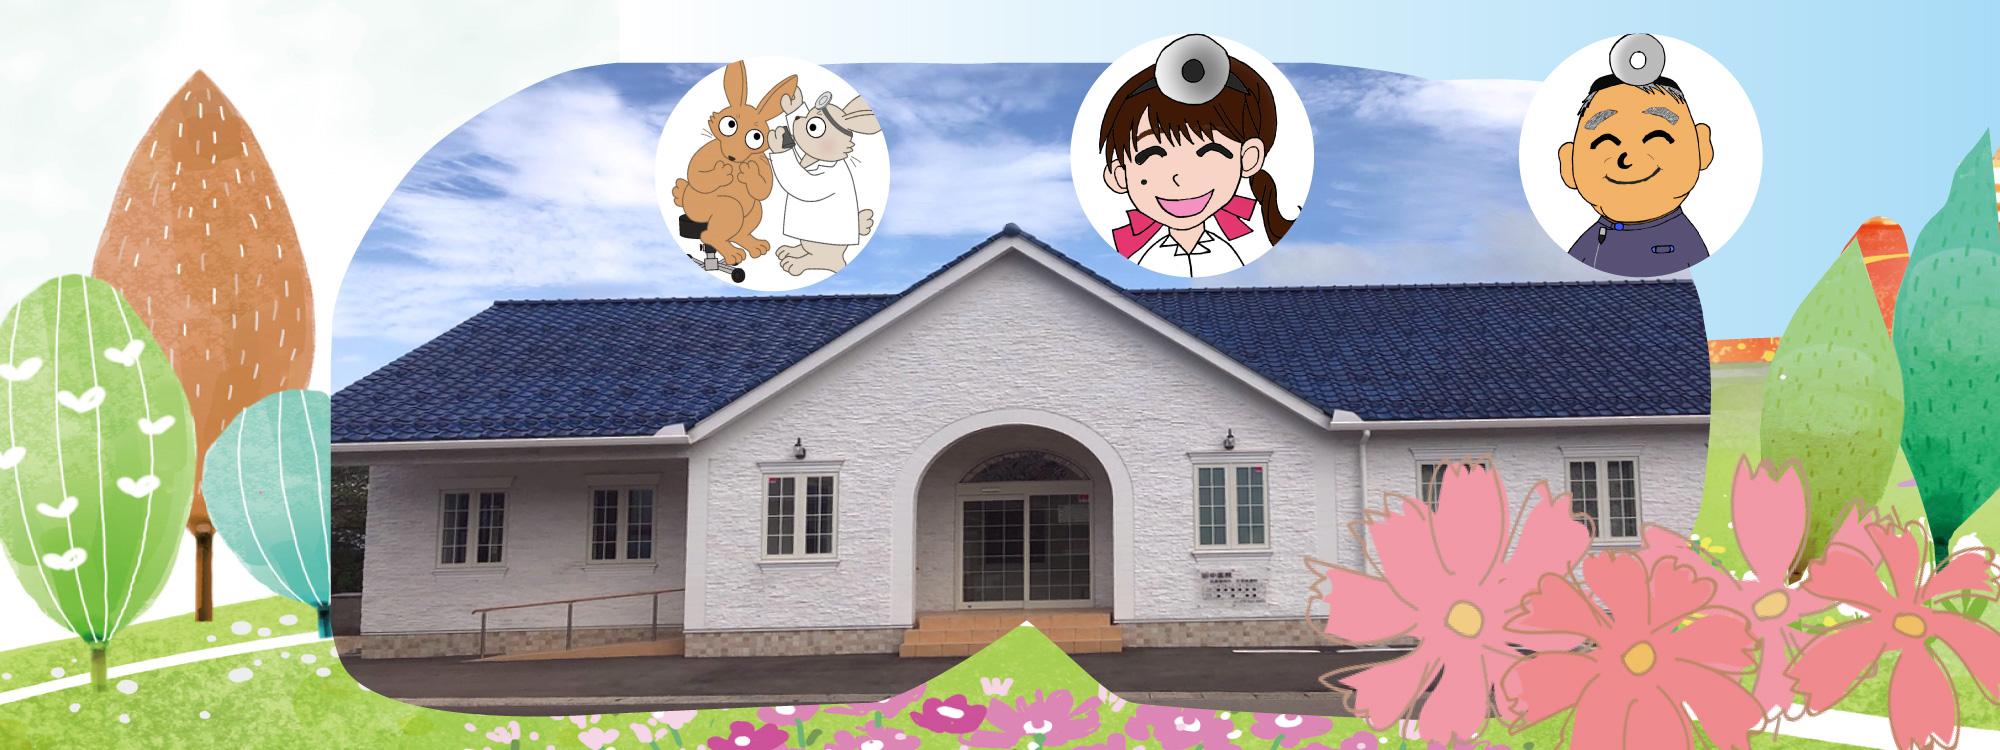 田中医院は石川県河北郡の耳鼻咽喉科です